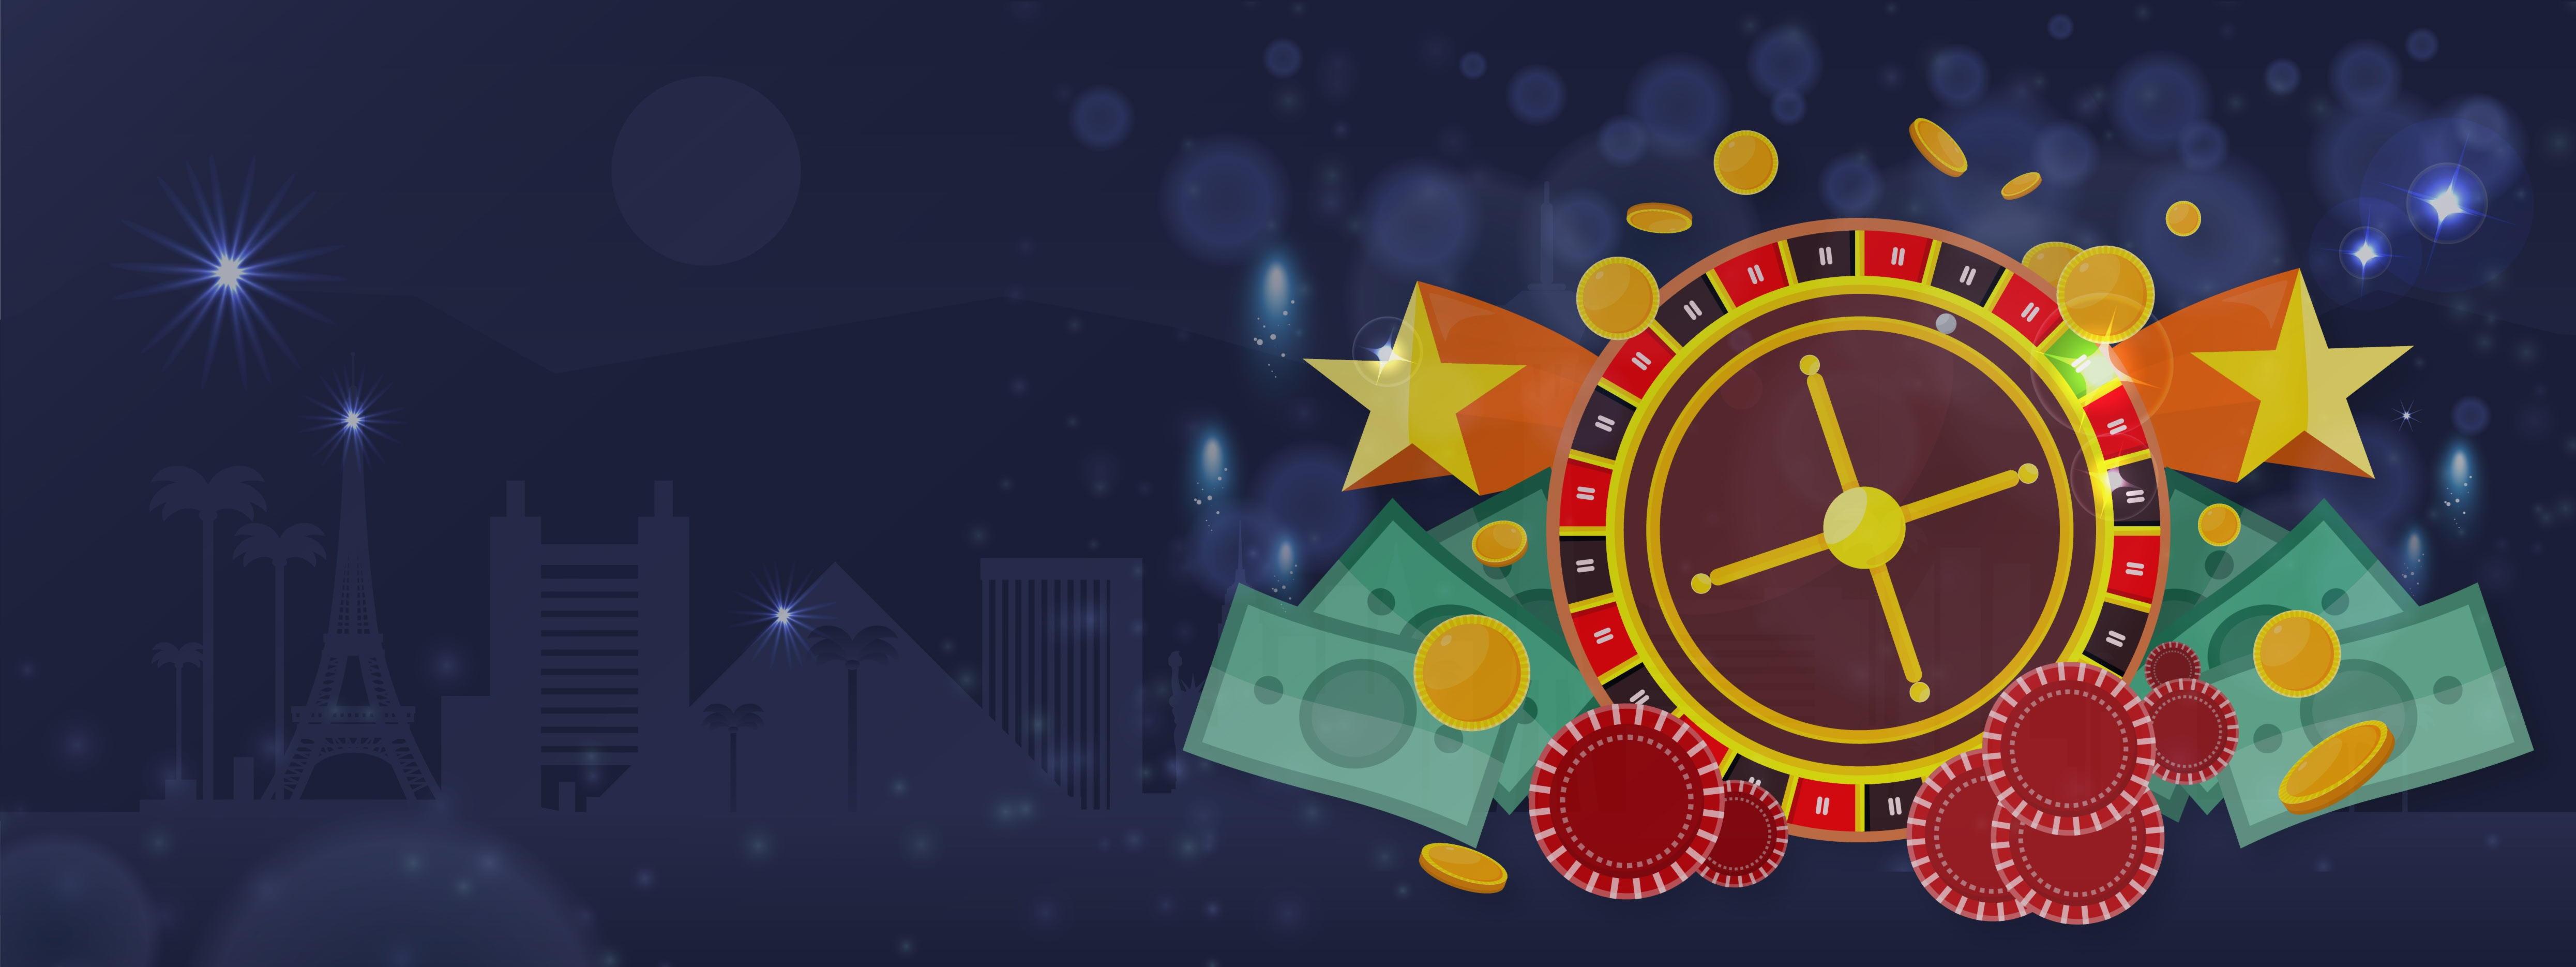 715% No Rules Bonus! at Party Casino